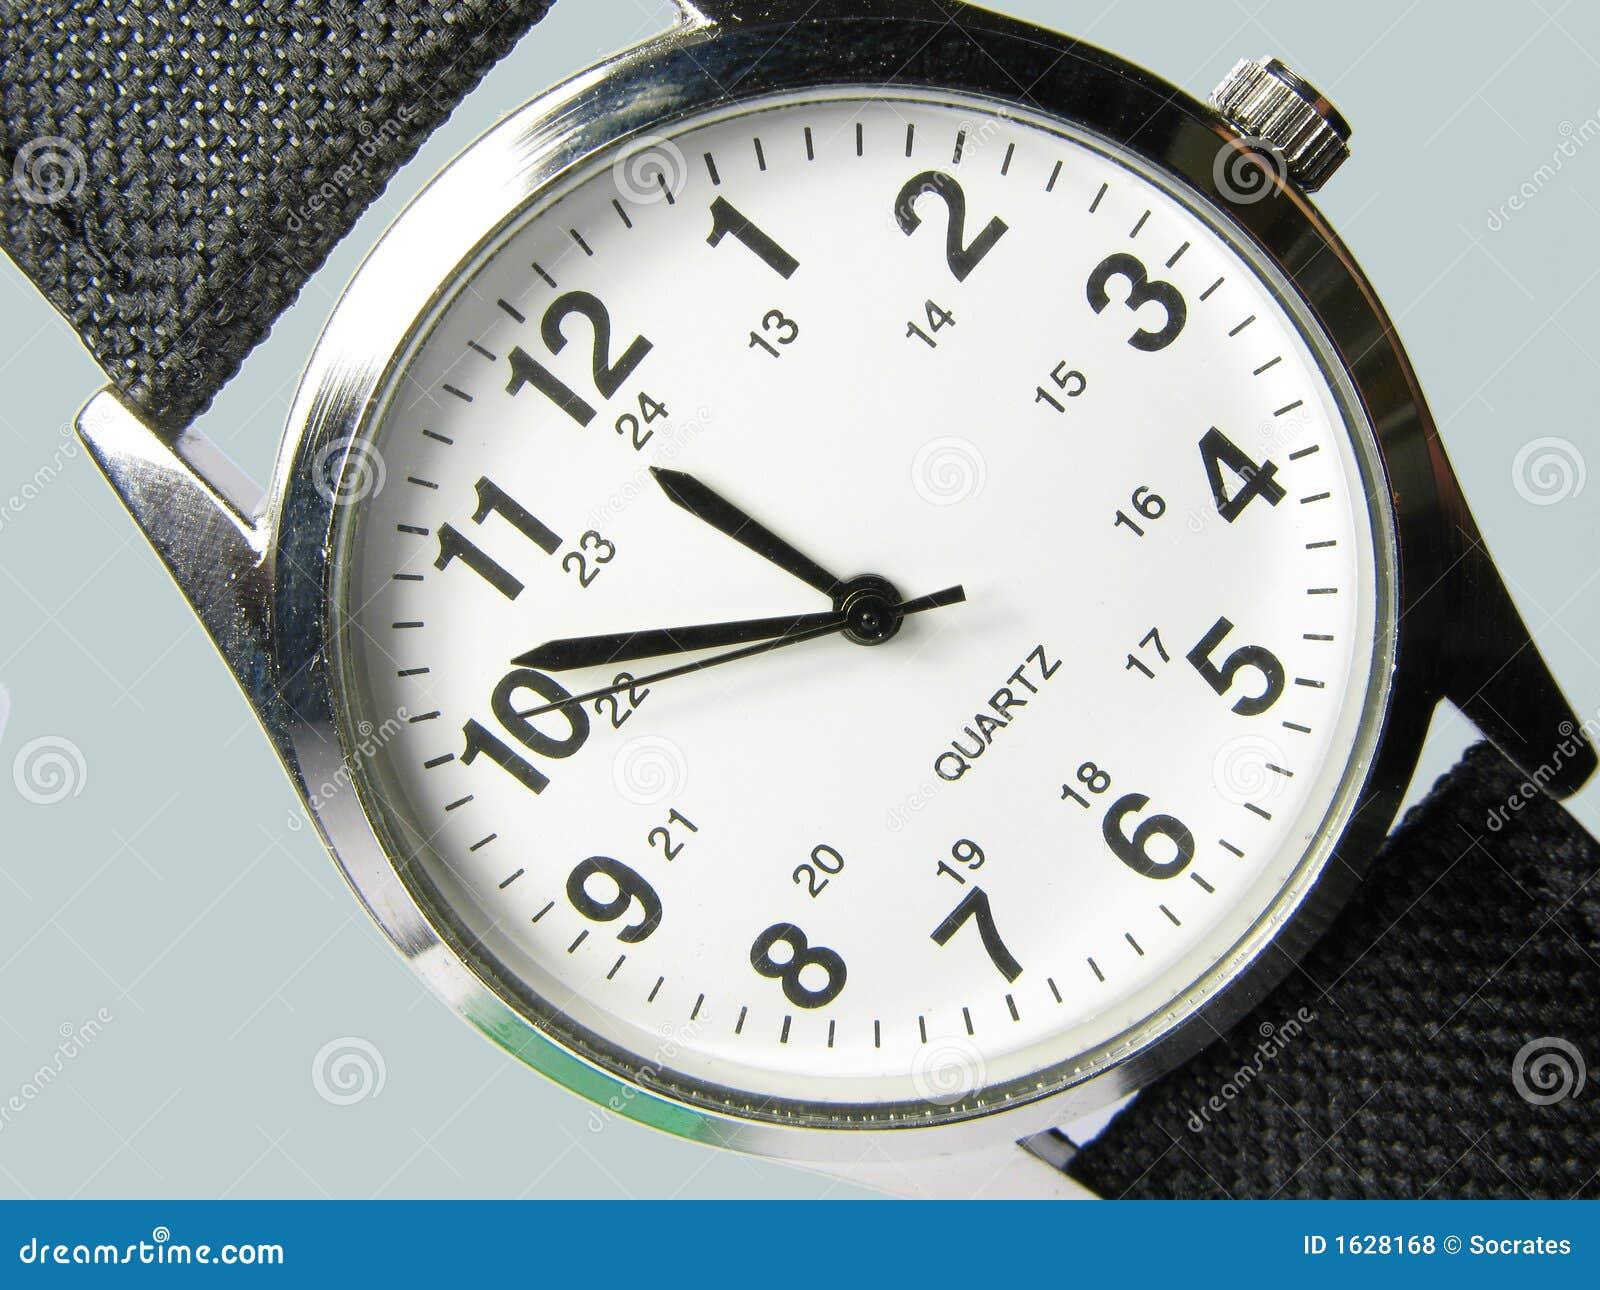 Zegarek.